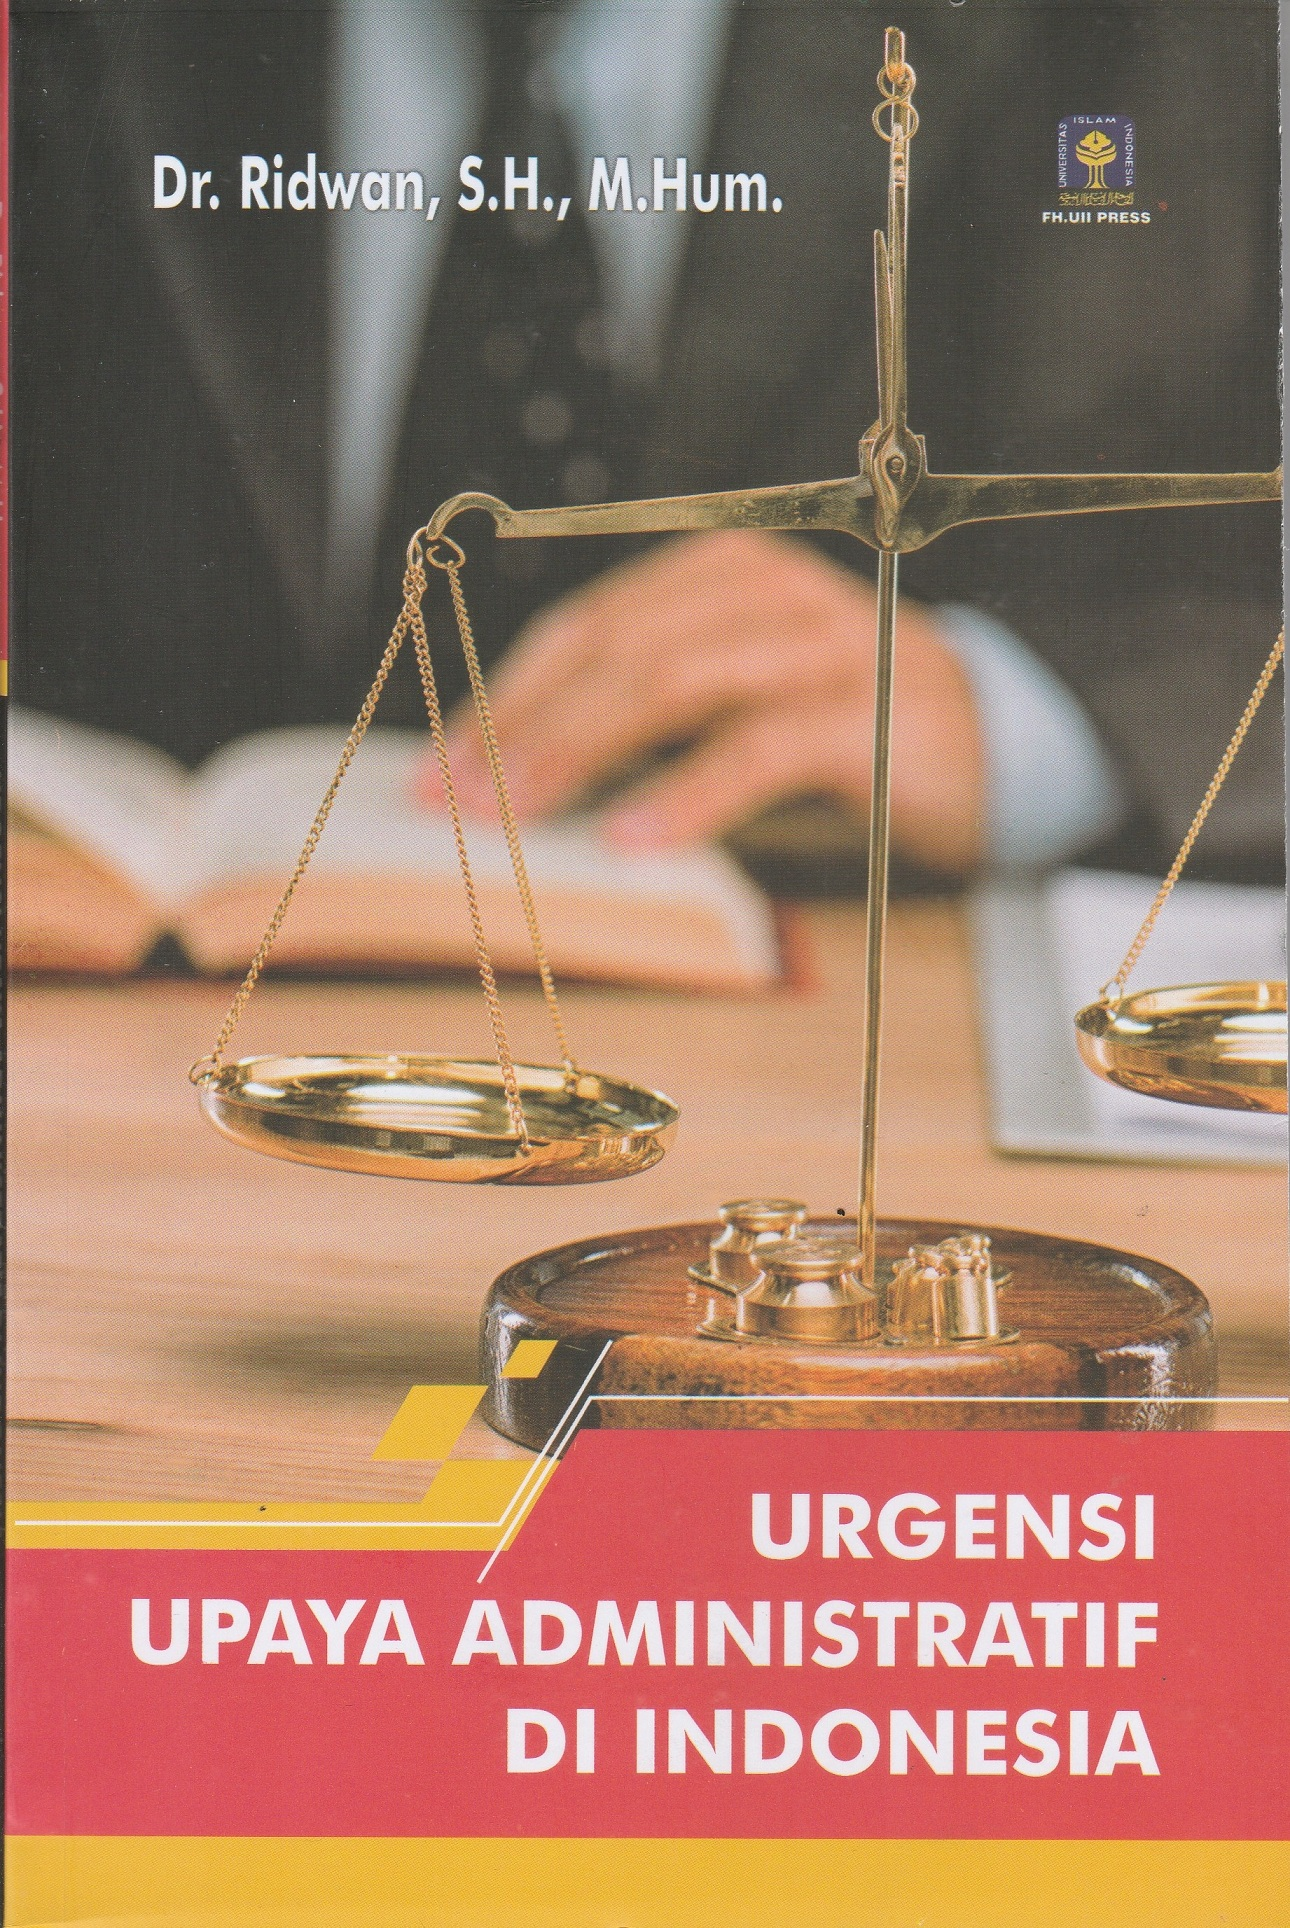 Urgensi Upaya Administrasi Di Indonesia